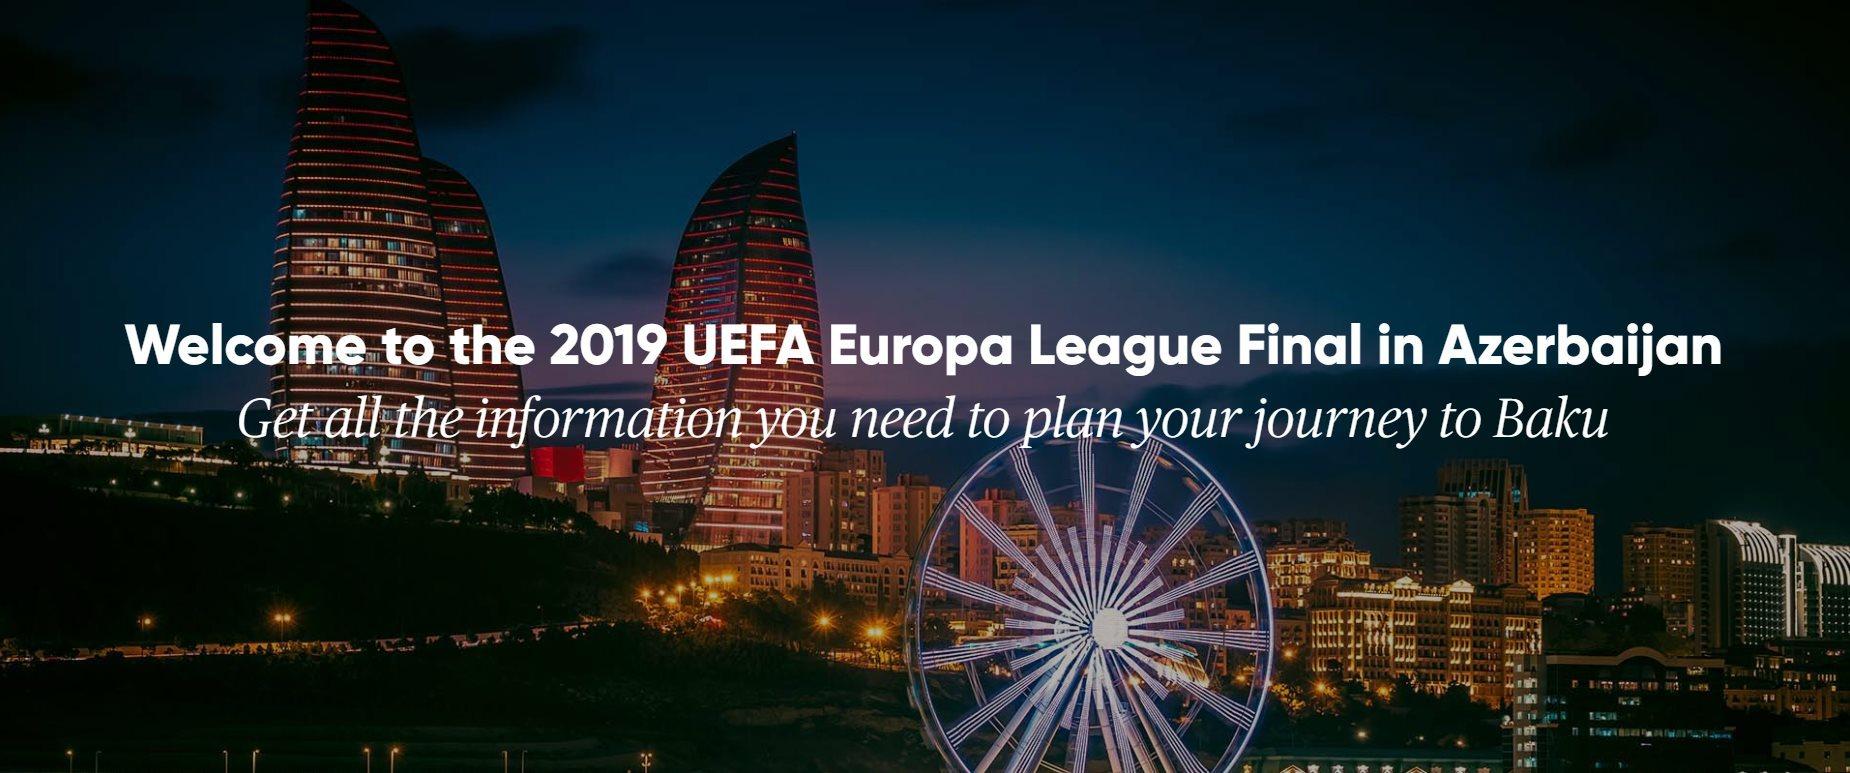 Для приезжающих на финал Лиги Европы в Баку туристов сдан в пользование новый сайт